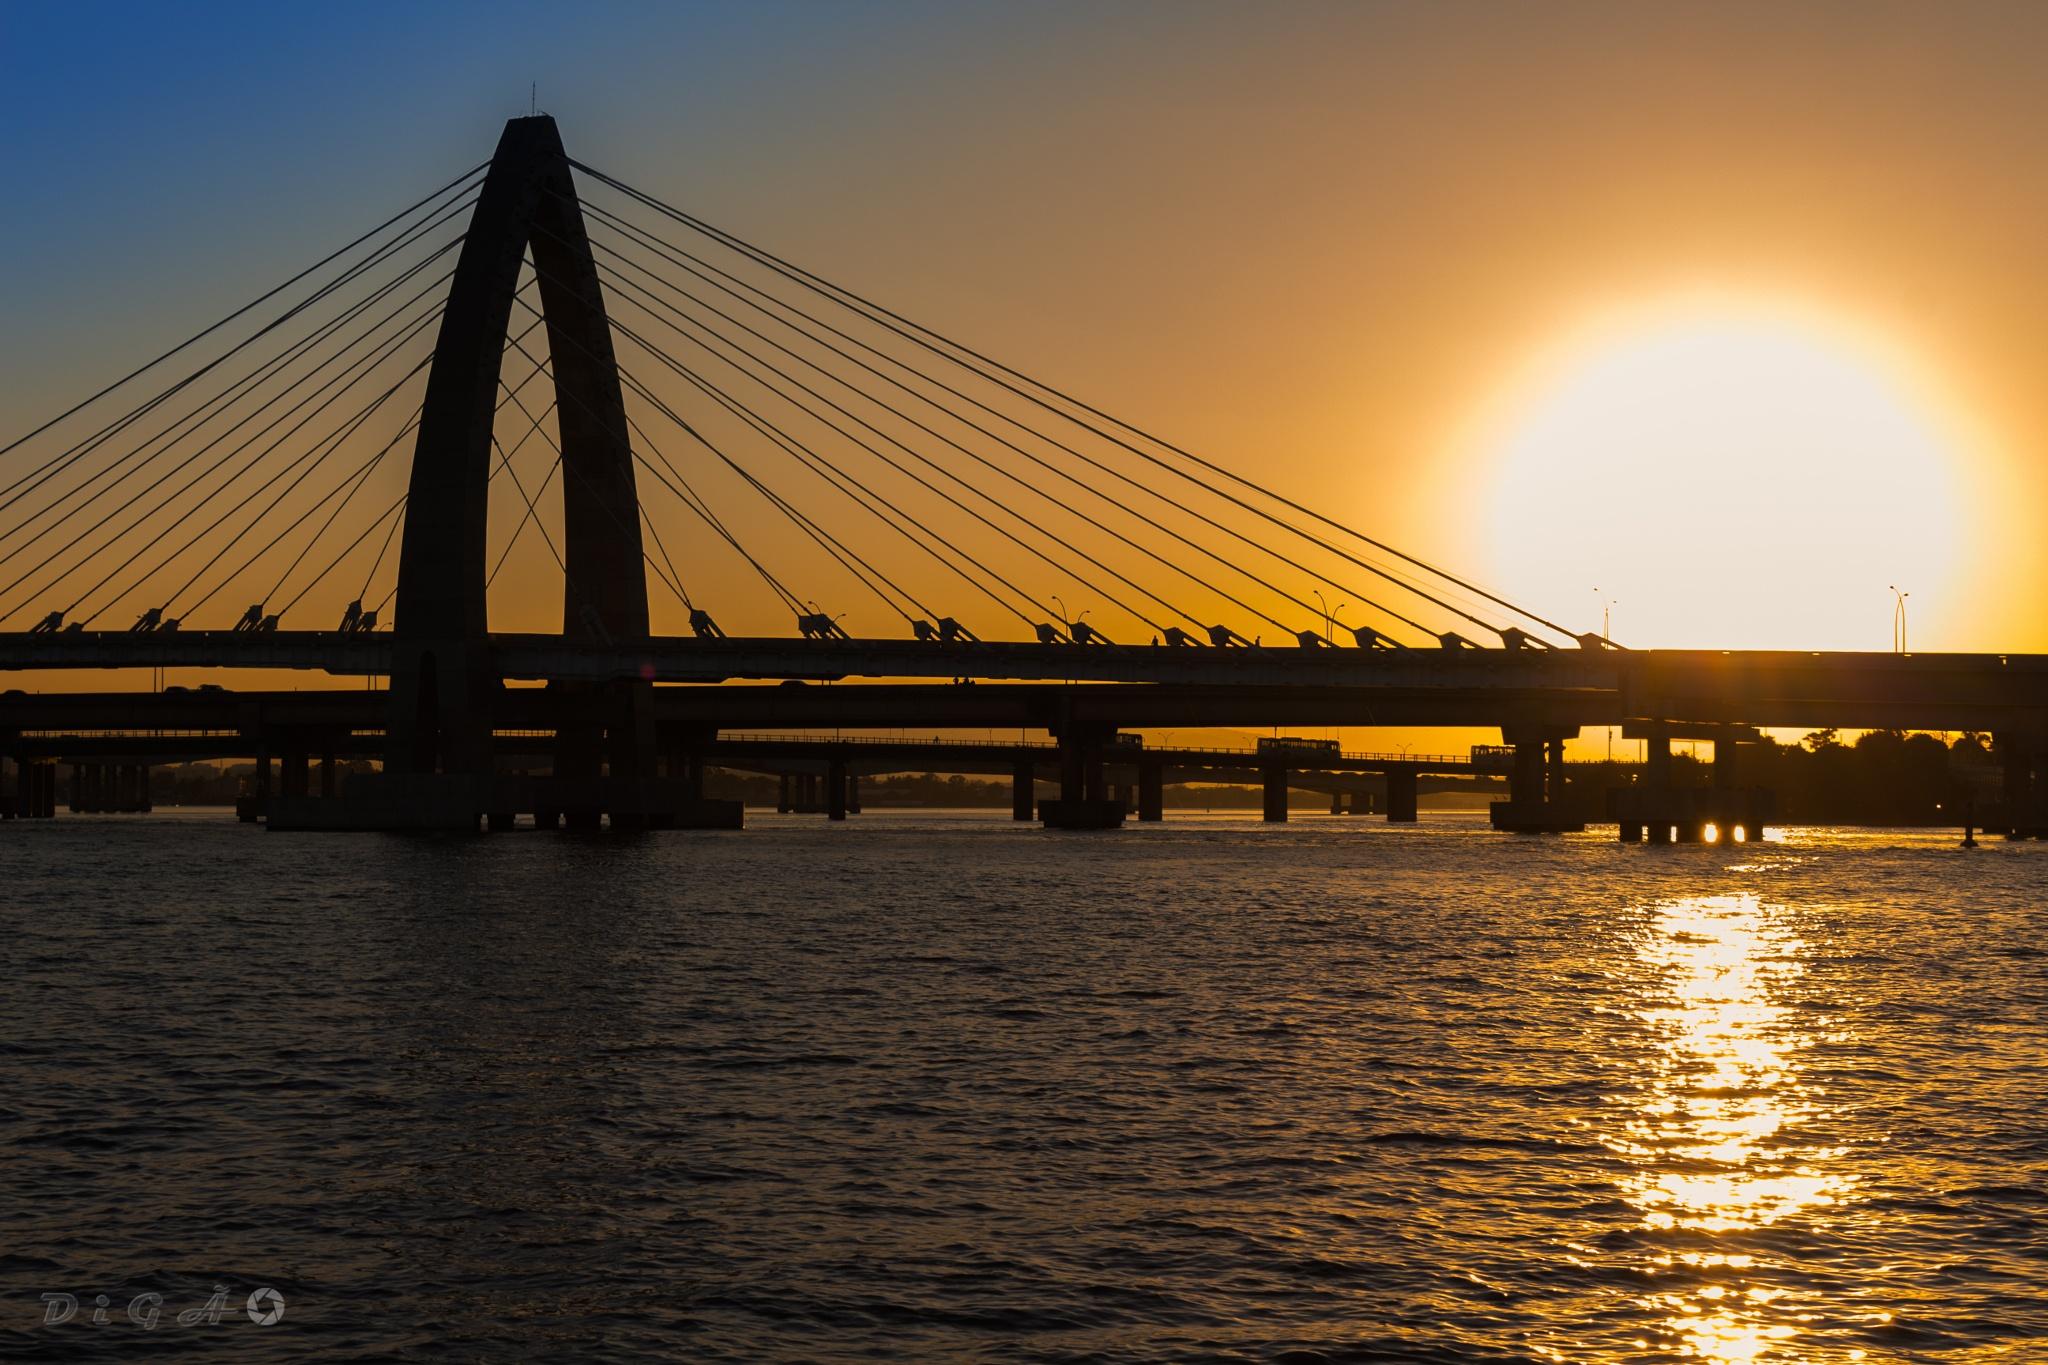 Ponte do BRT (Prefeito Pereira Passos) - RJ by Digão Saldanha